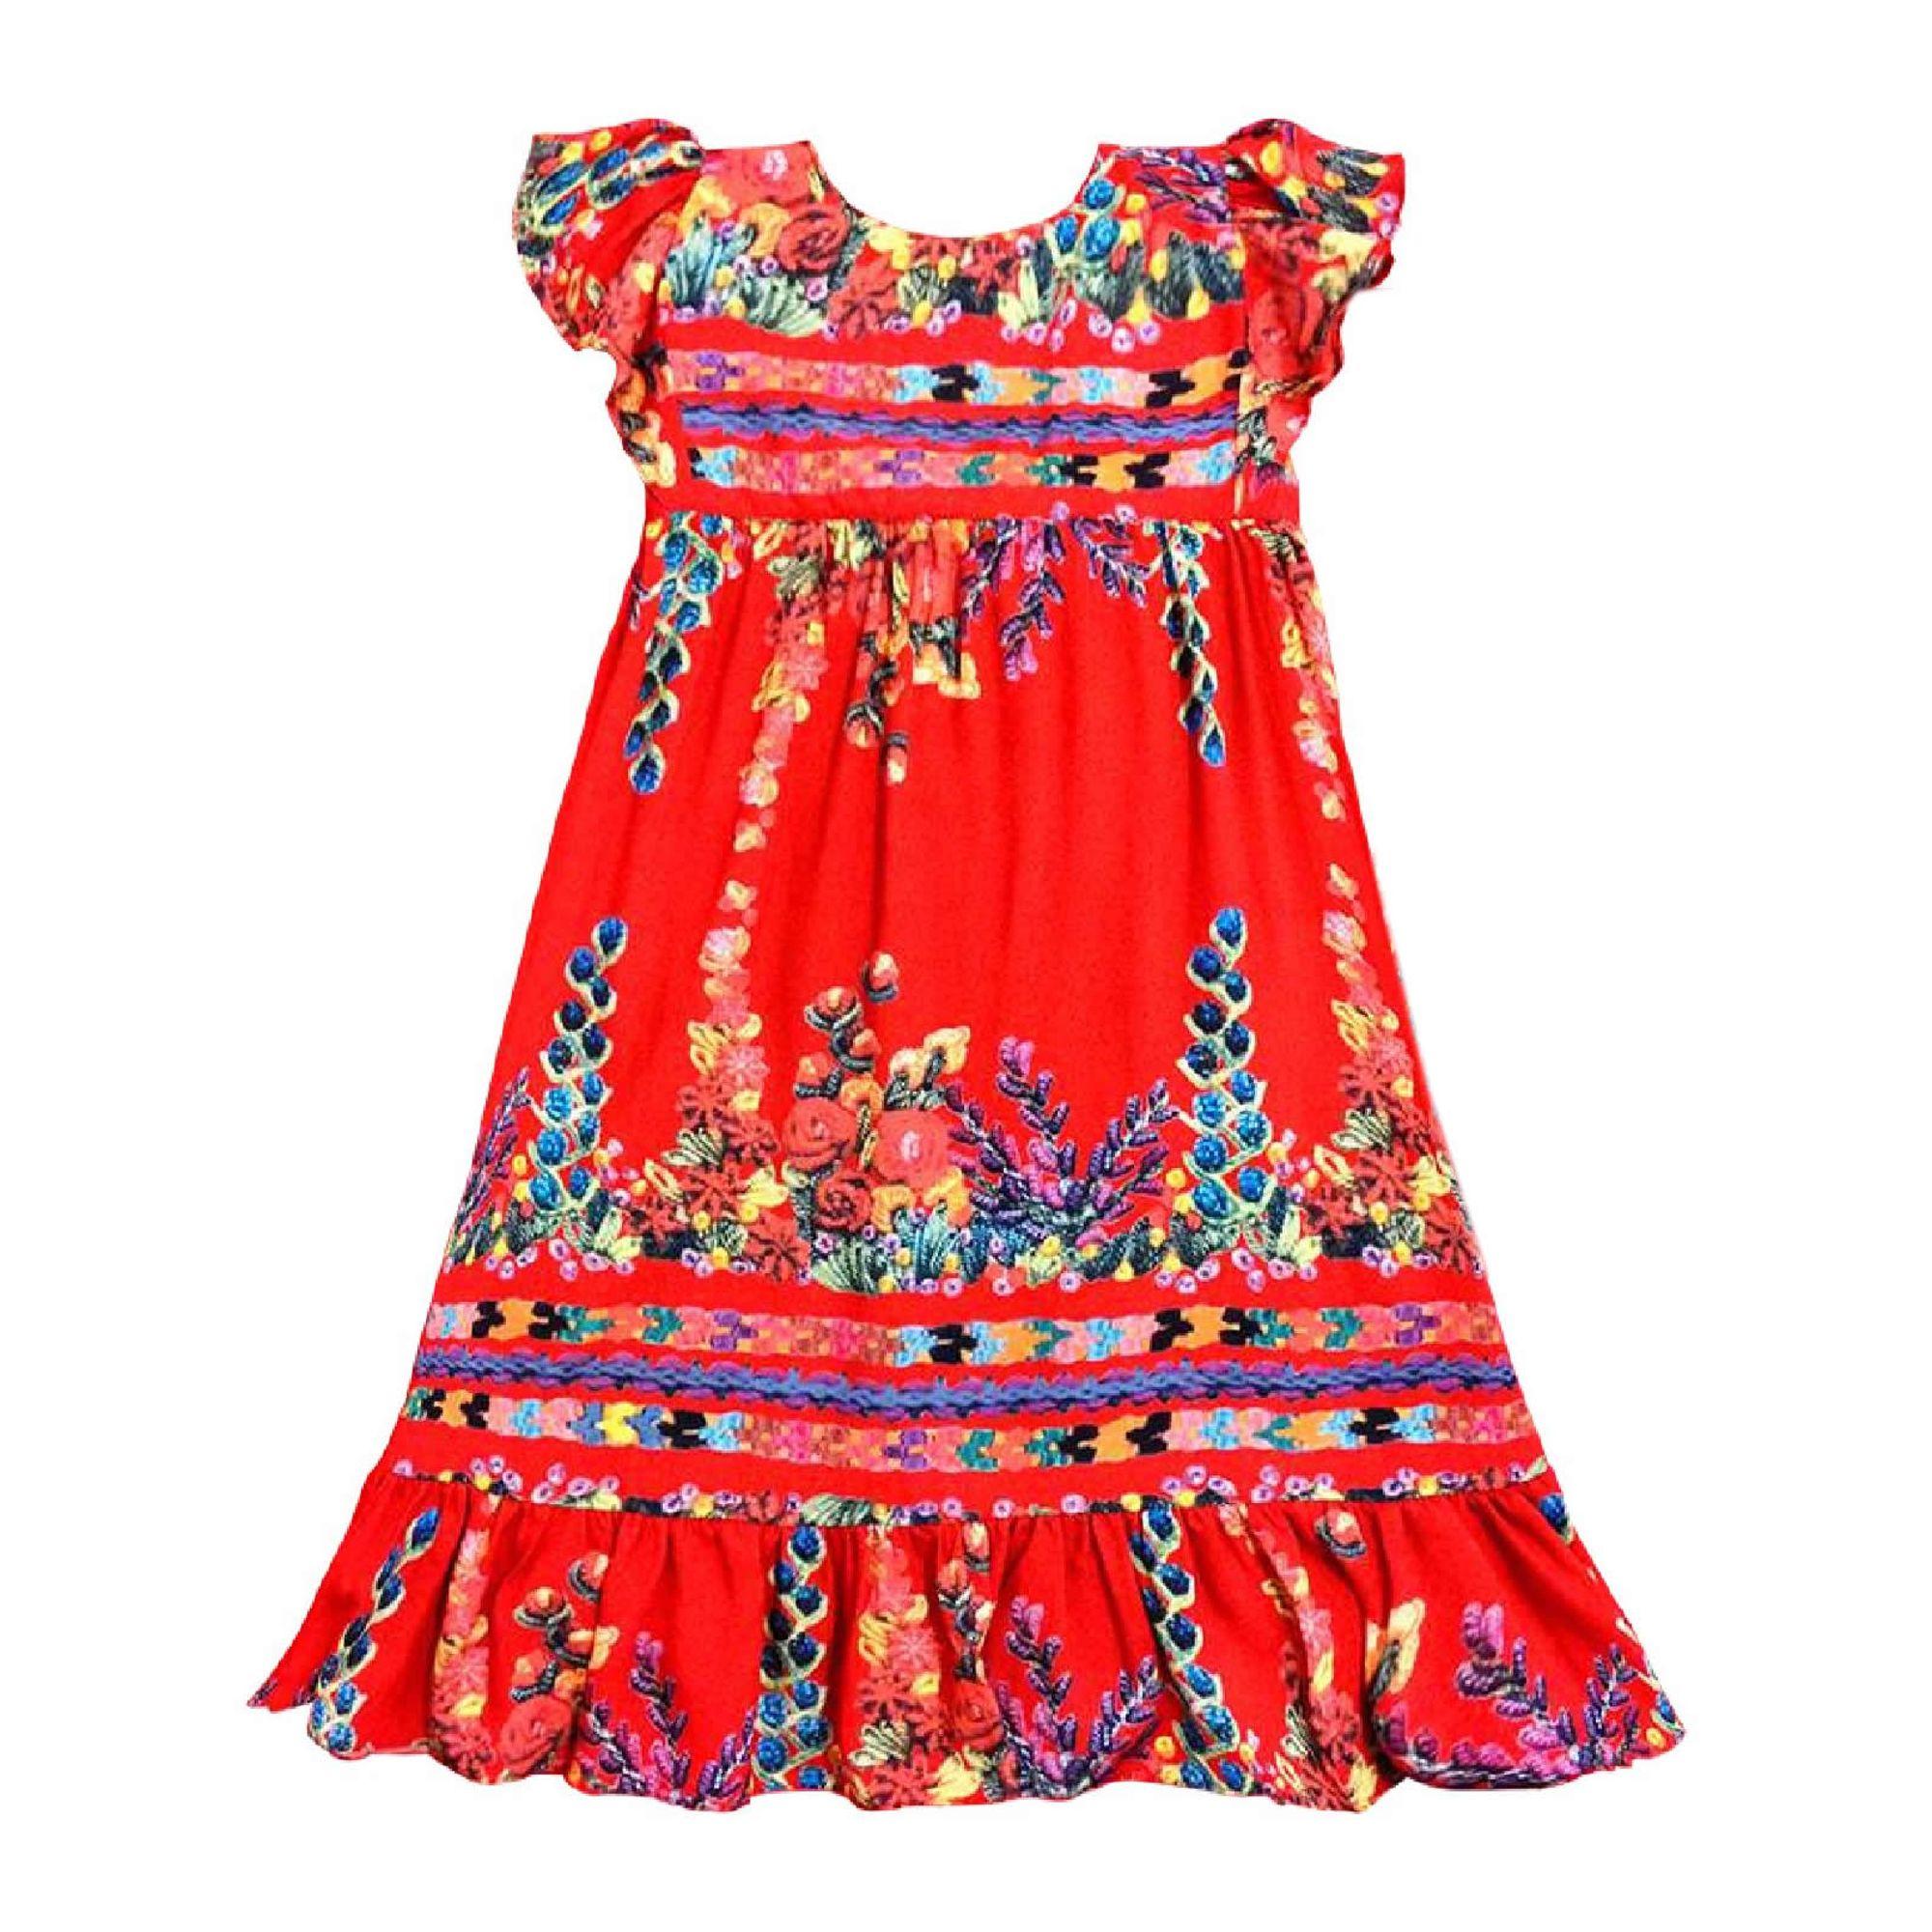 Favoritos Vestido Infantil Vermelho Estampado e Ajuste Alças - Té Roupa de  QY43